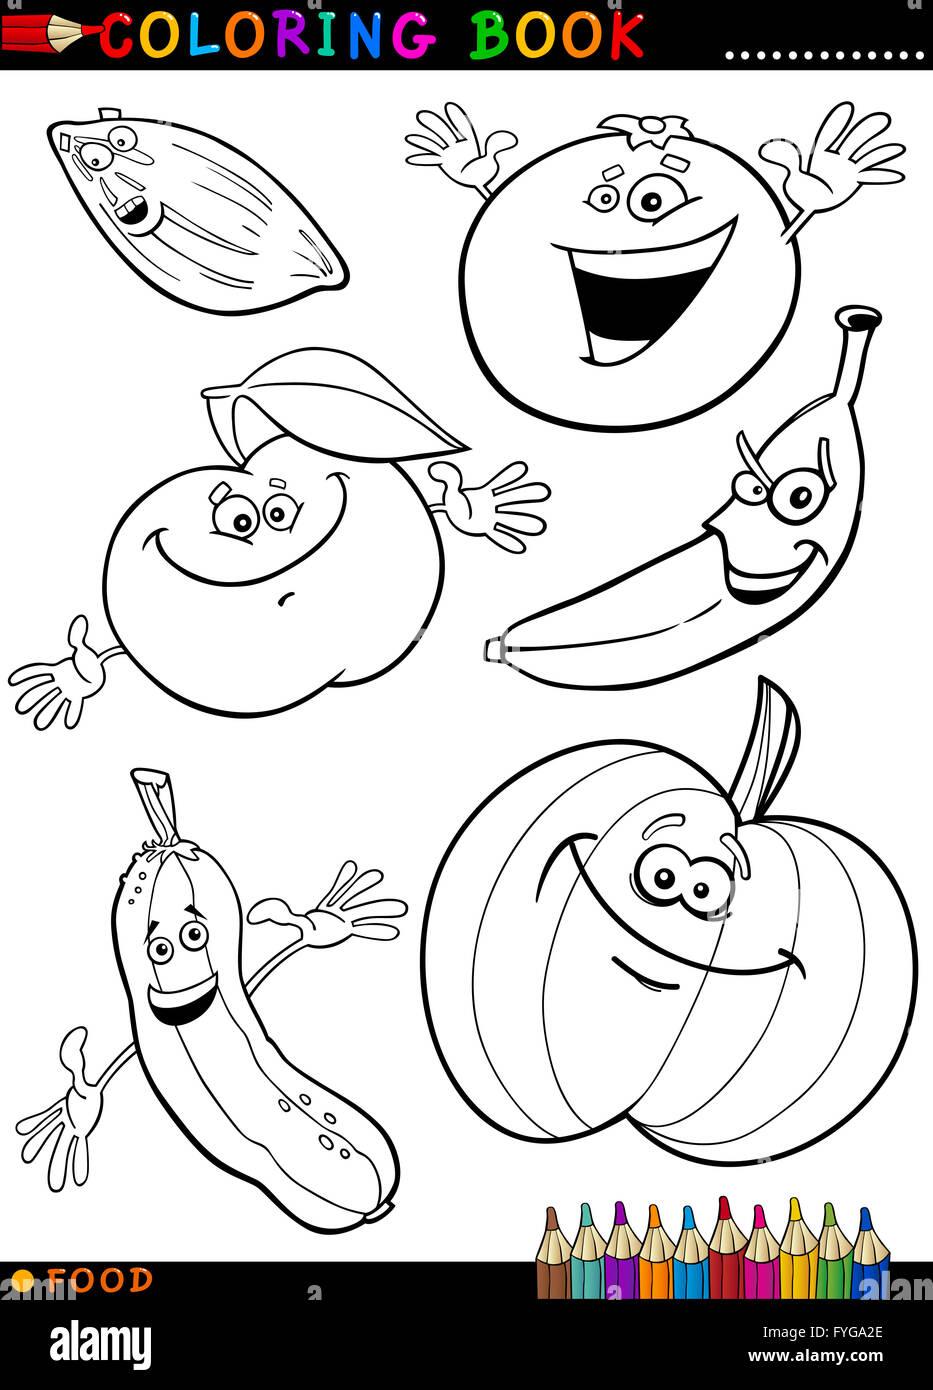 Obst Und Gemüse Zum Ausmalen Stockfoto Bild 103006694 Alamy